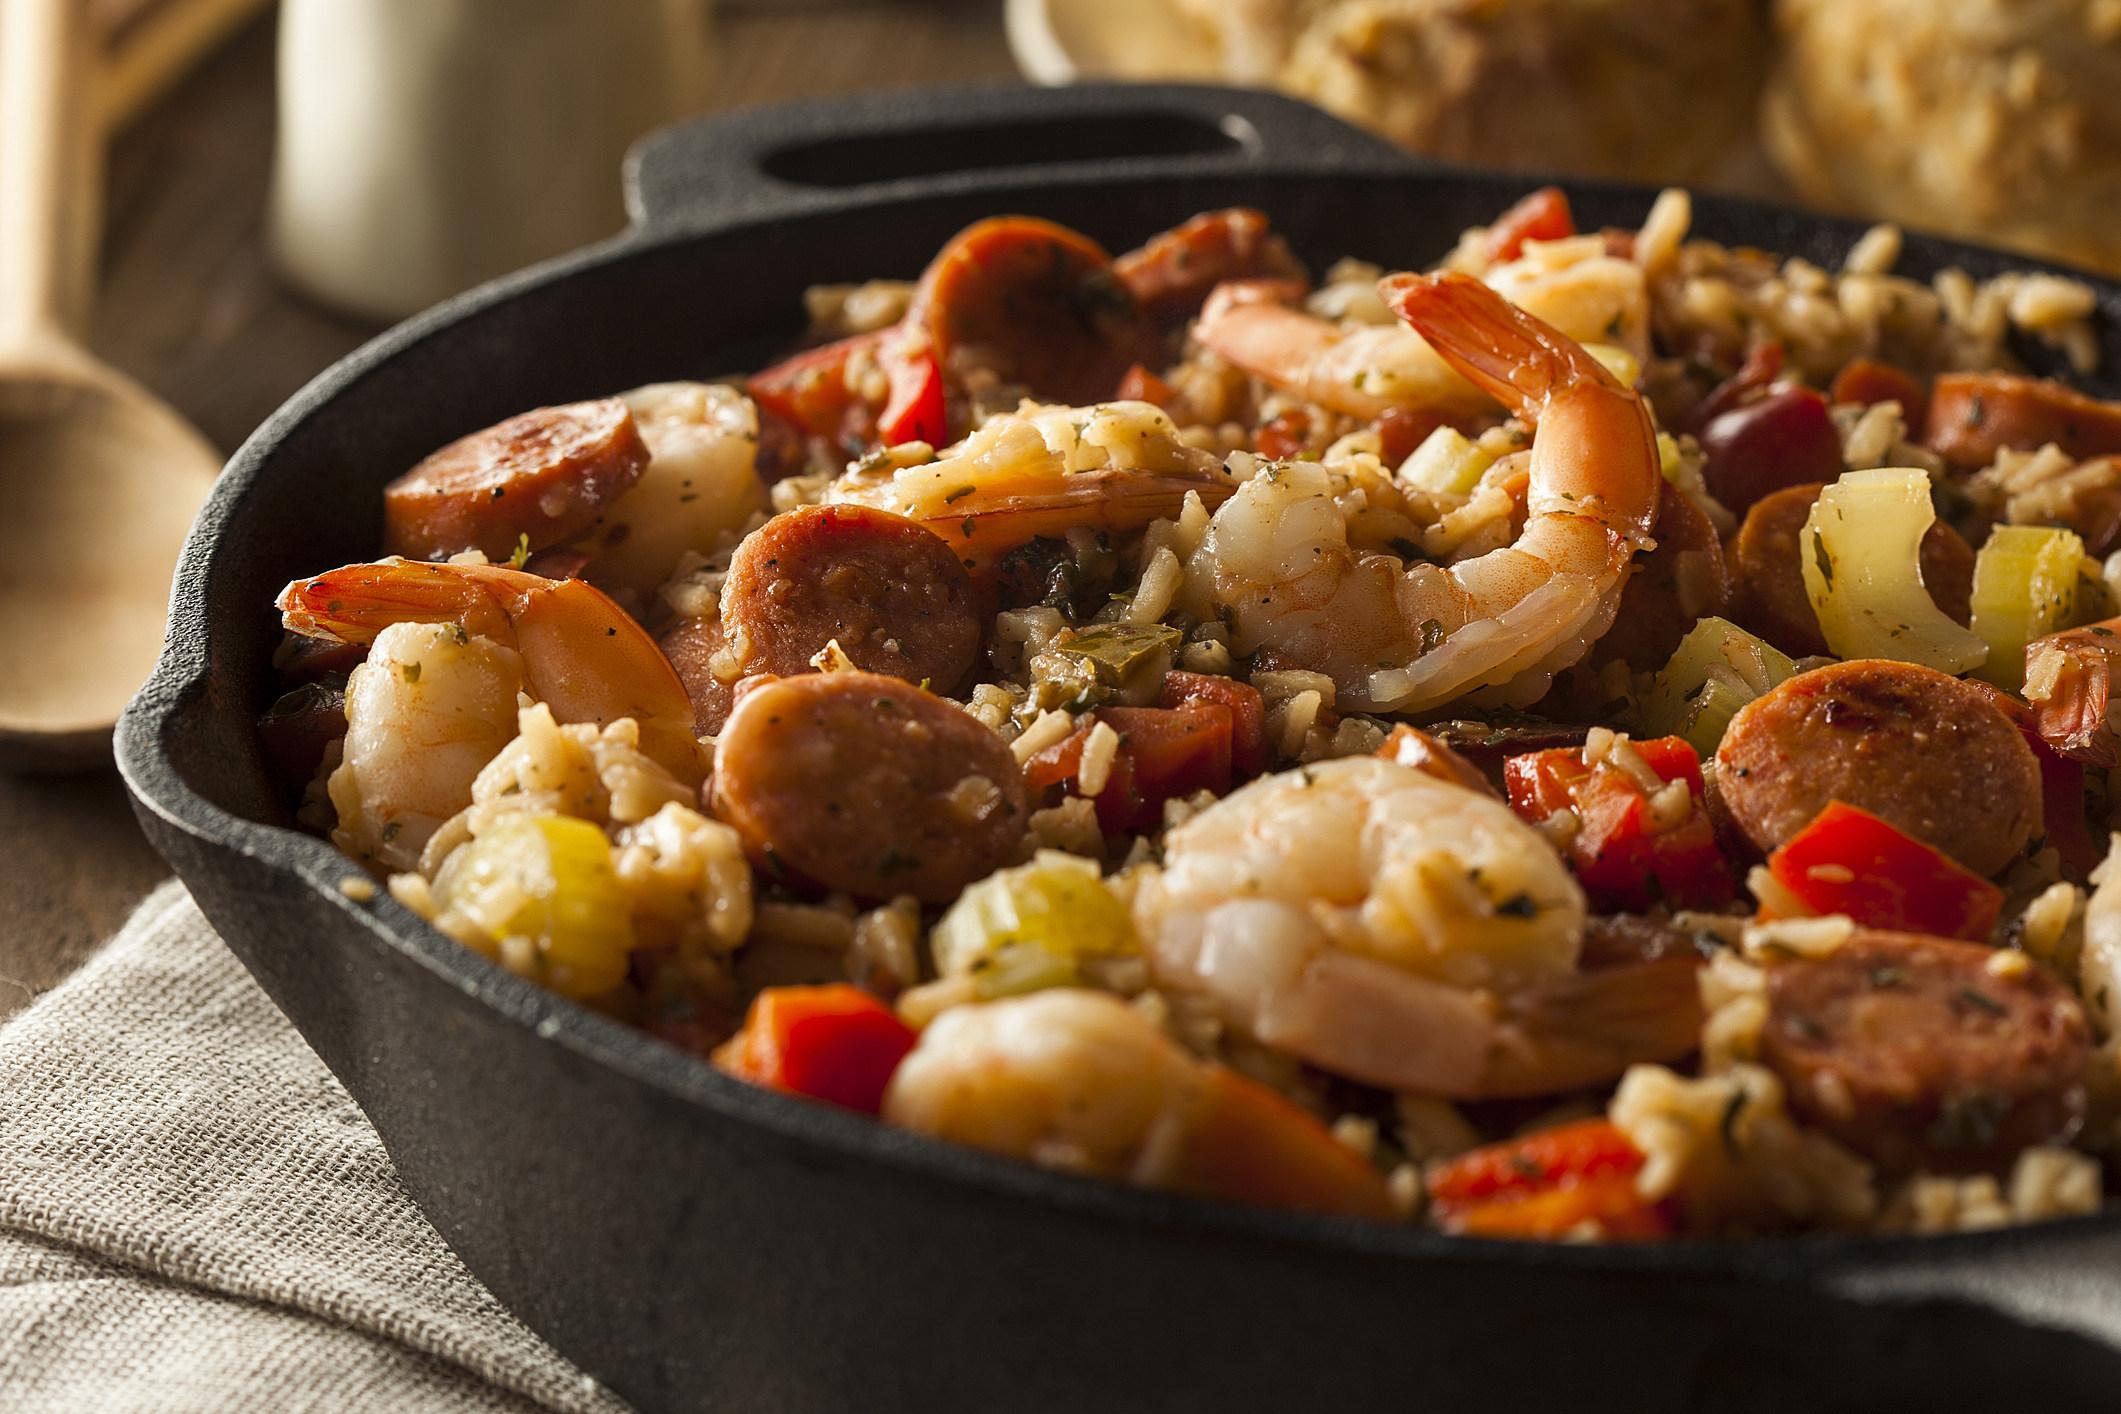 Spicy Homemade Cajun Jambalaya